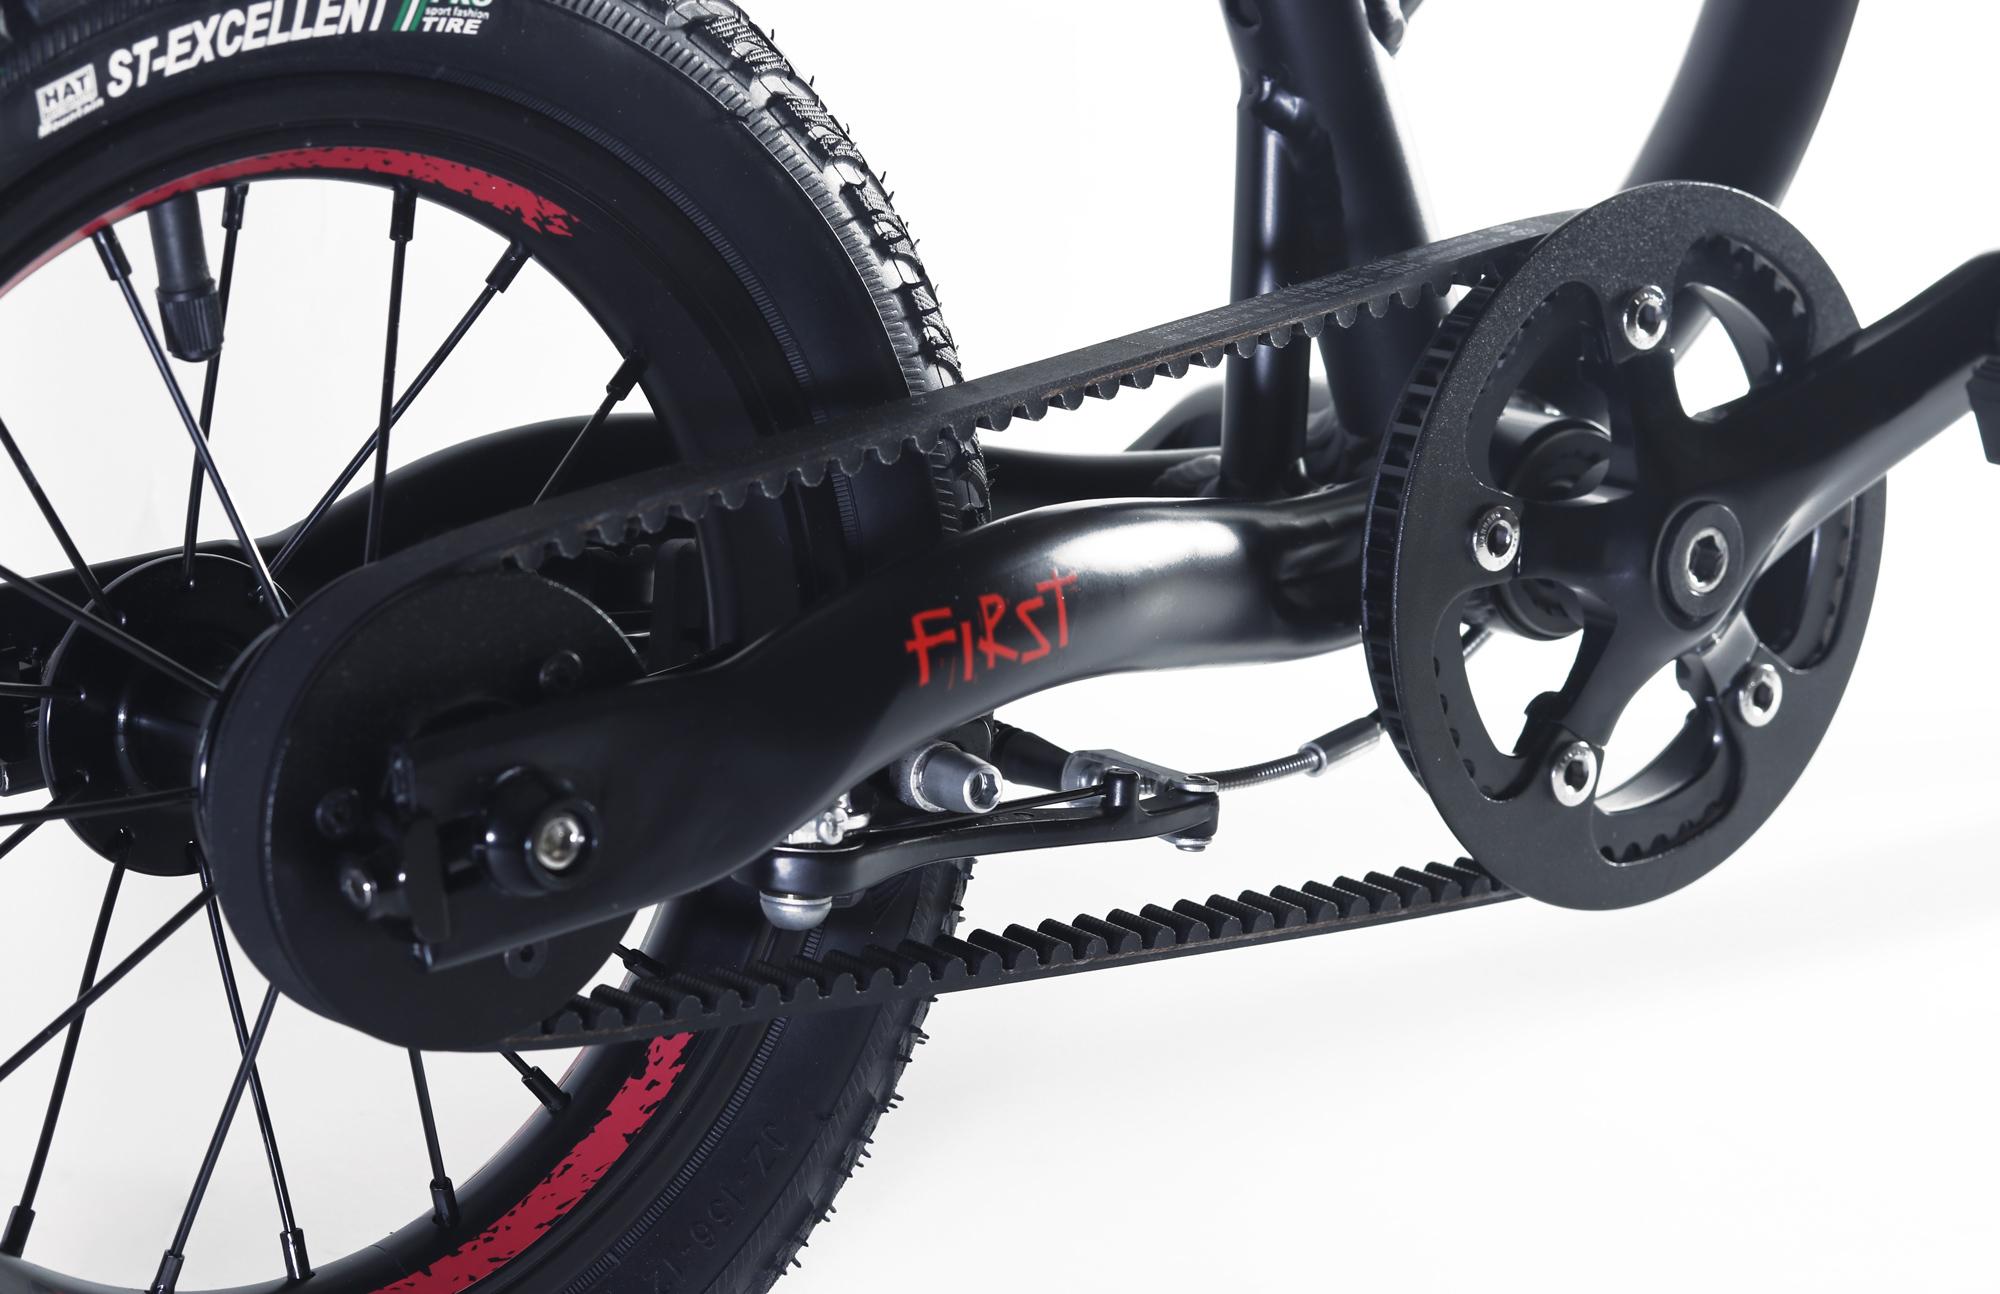 Комплект ременной трансмиссии велосипеда First